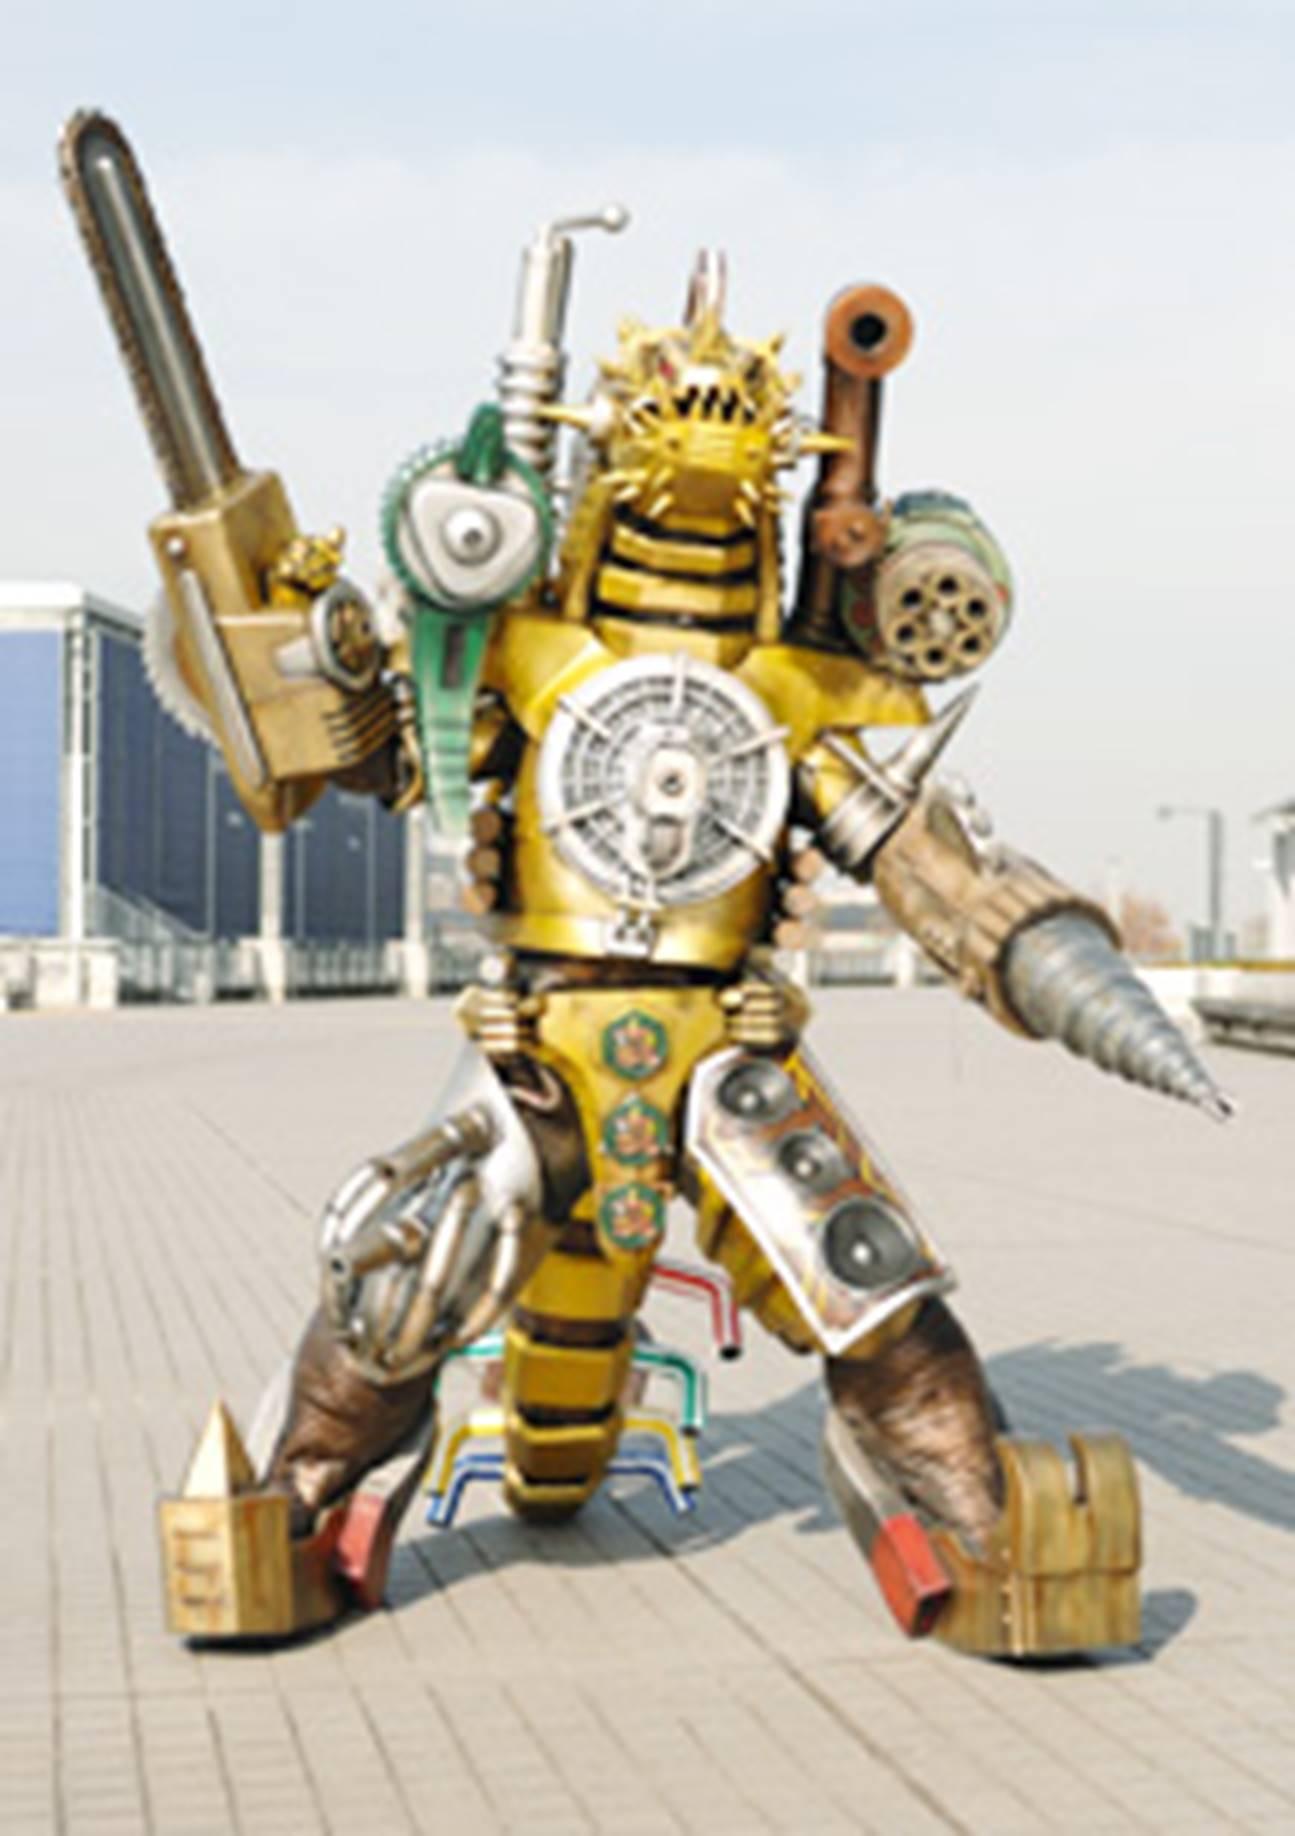 File:Prrpm-vi-attackbot31.jpg